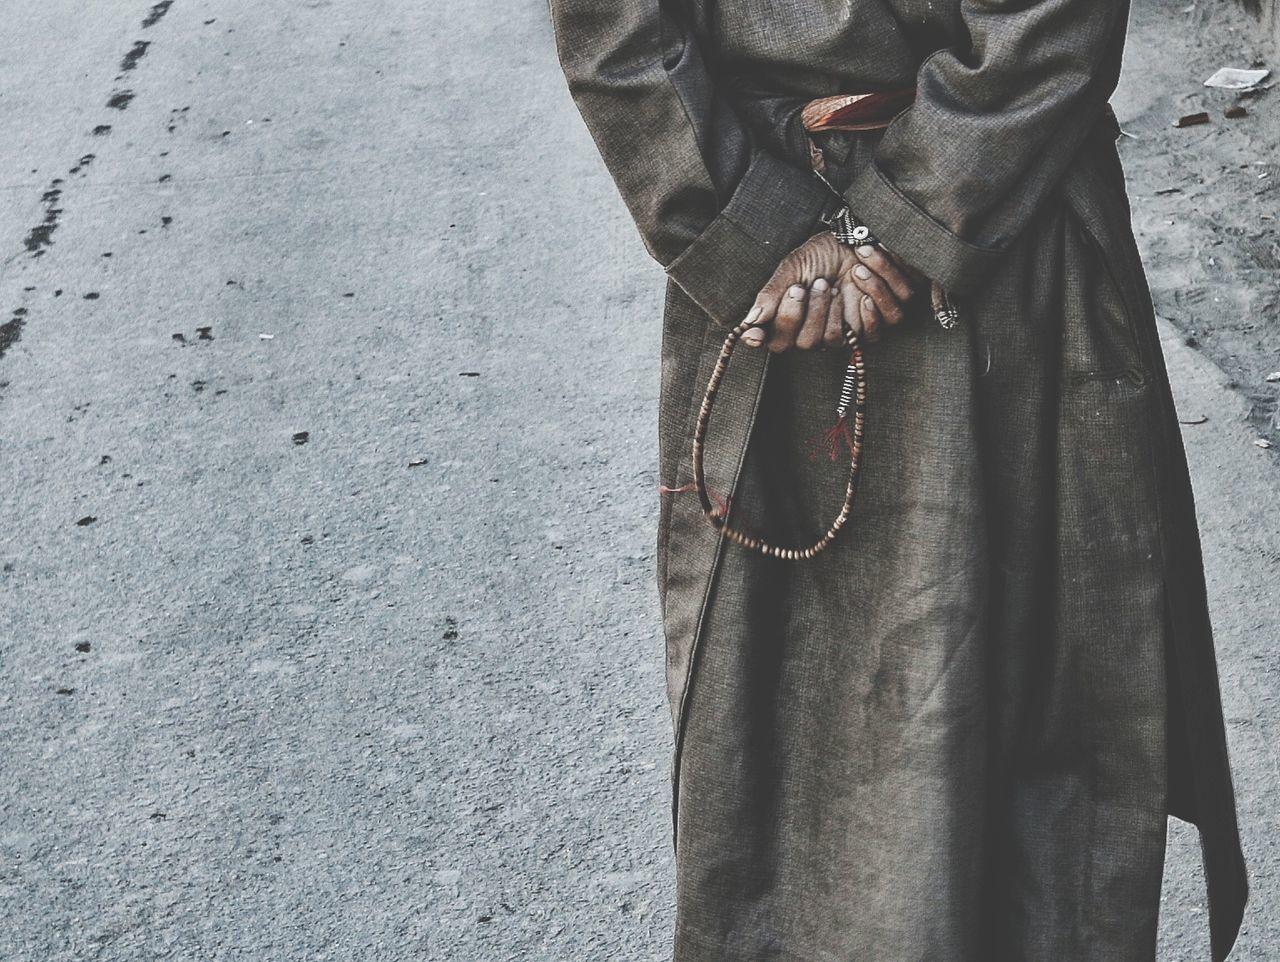 Leh Ladakh Leh Ladakh Buddhist Monk Buddhism India Street Photography EyeEm India_clicks Increadable India